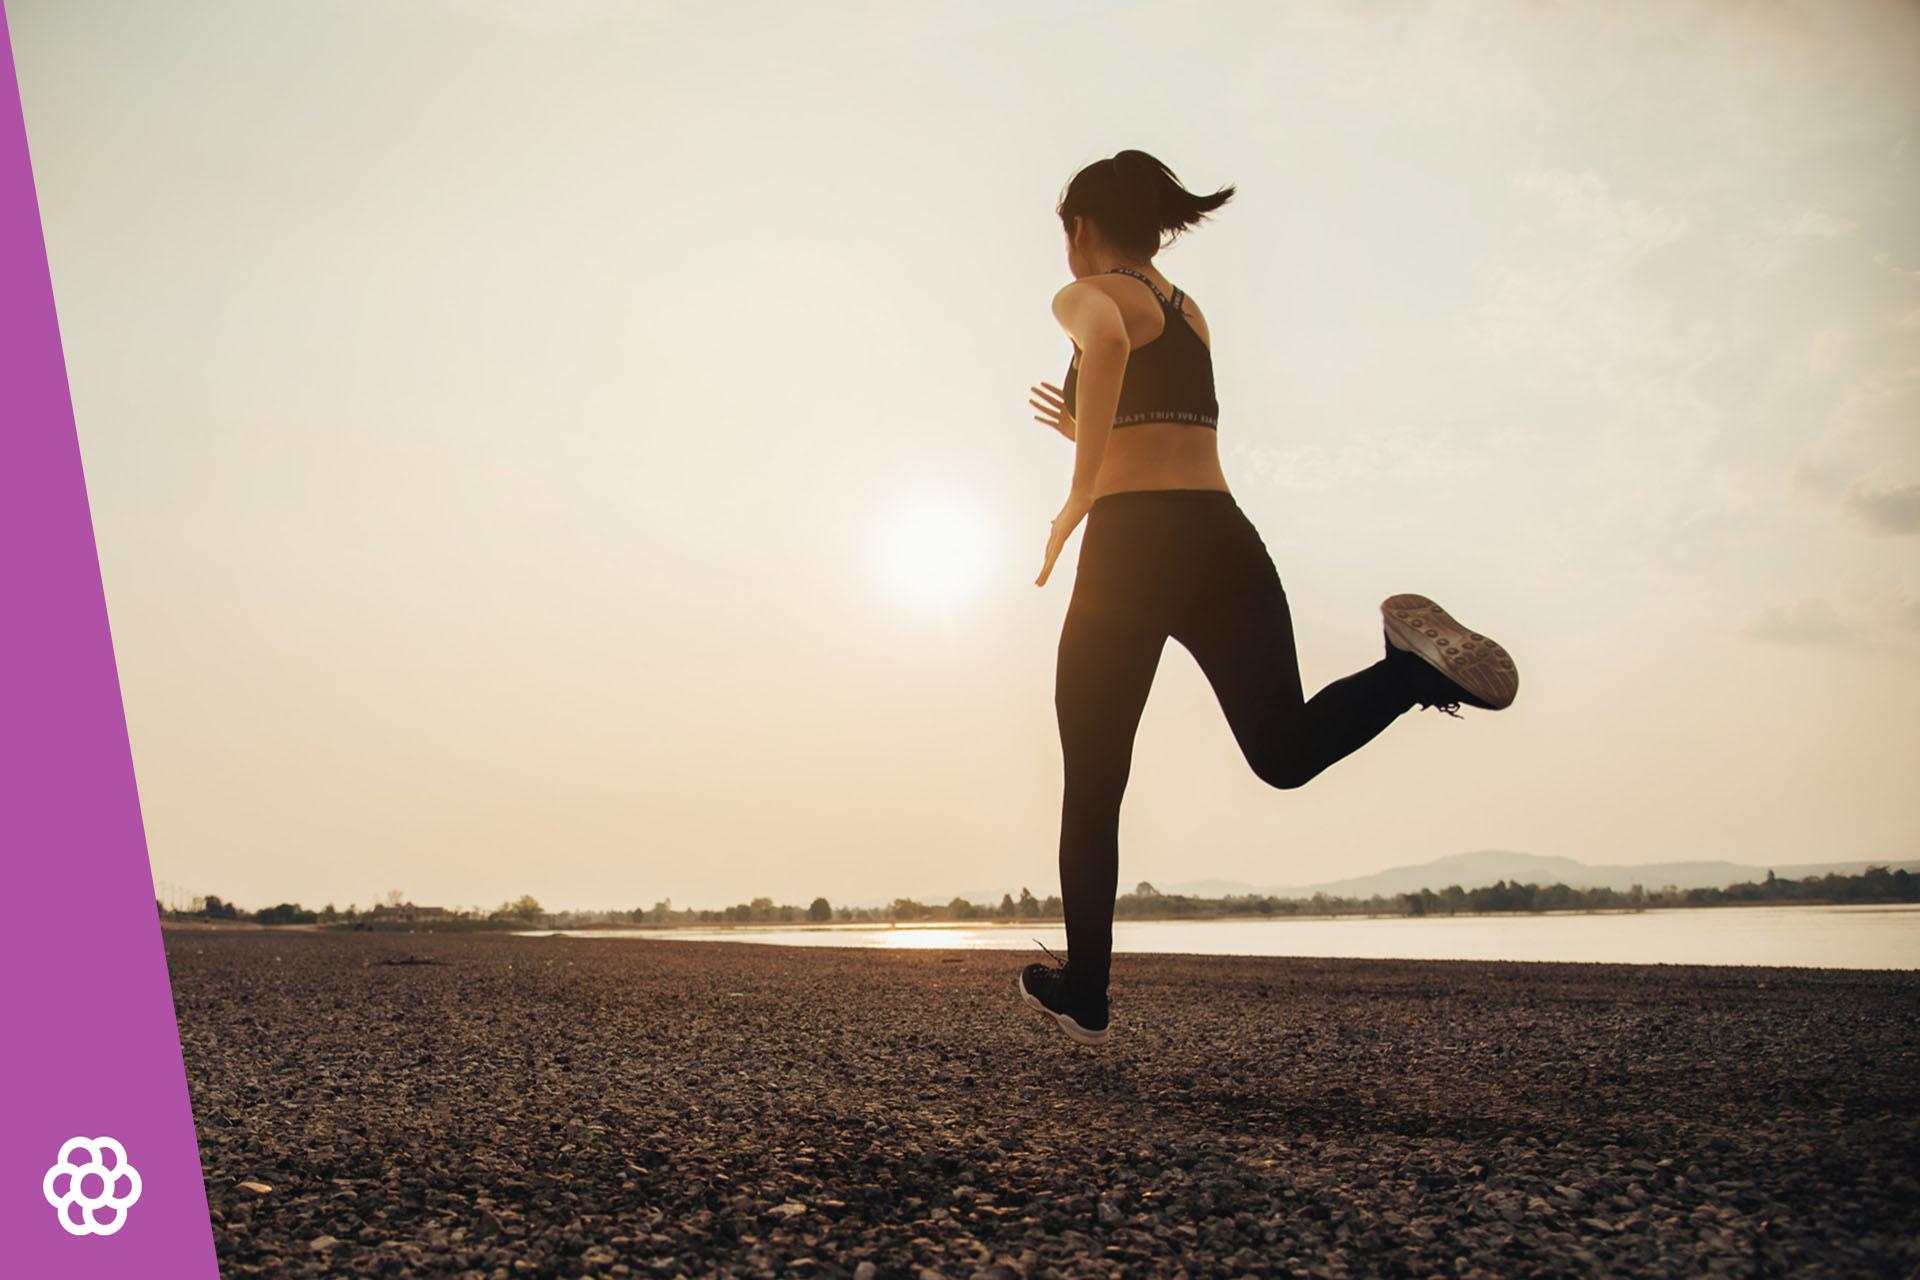 Kiedy bieganie jest najefektywniejsze – rano czy wieczorem? Kiedy biegać?